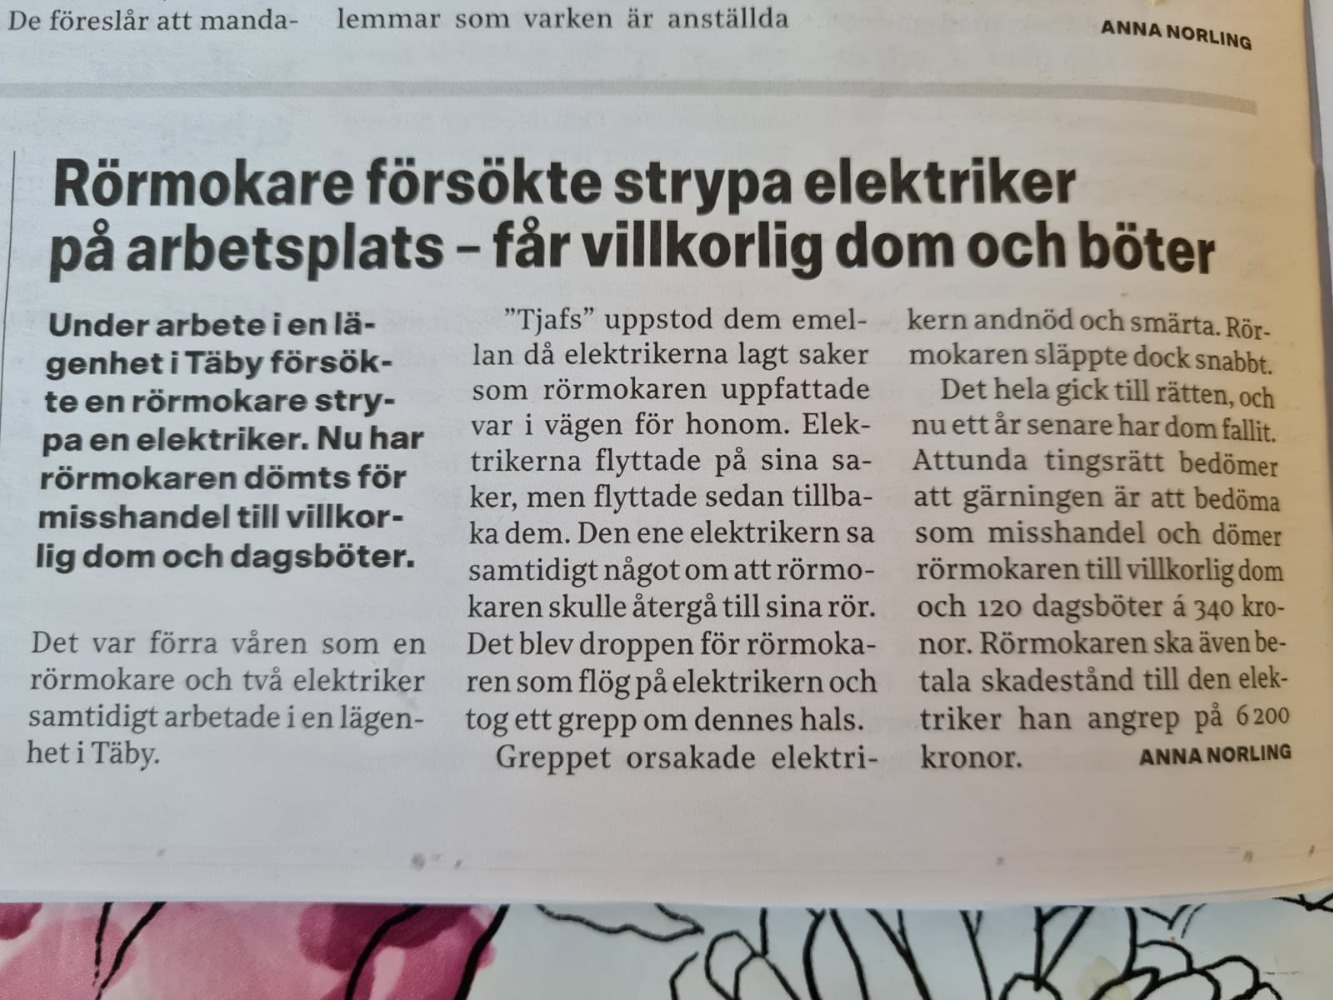 rormokare_brakar_med_elektriker.jpg